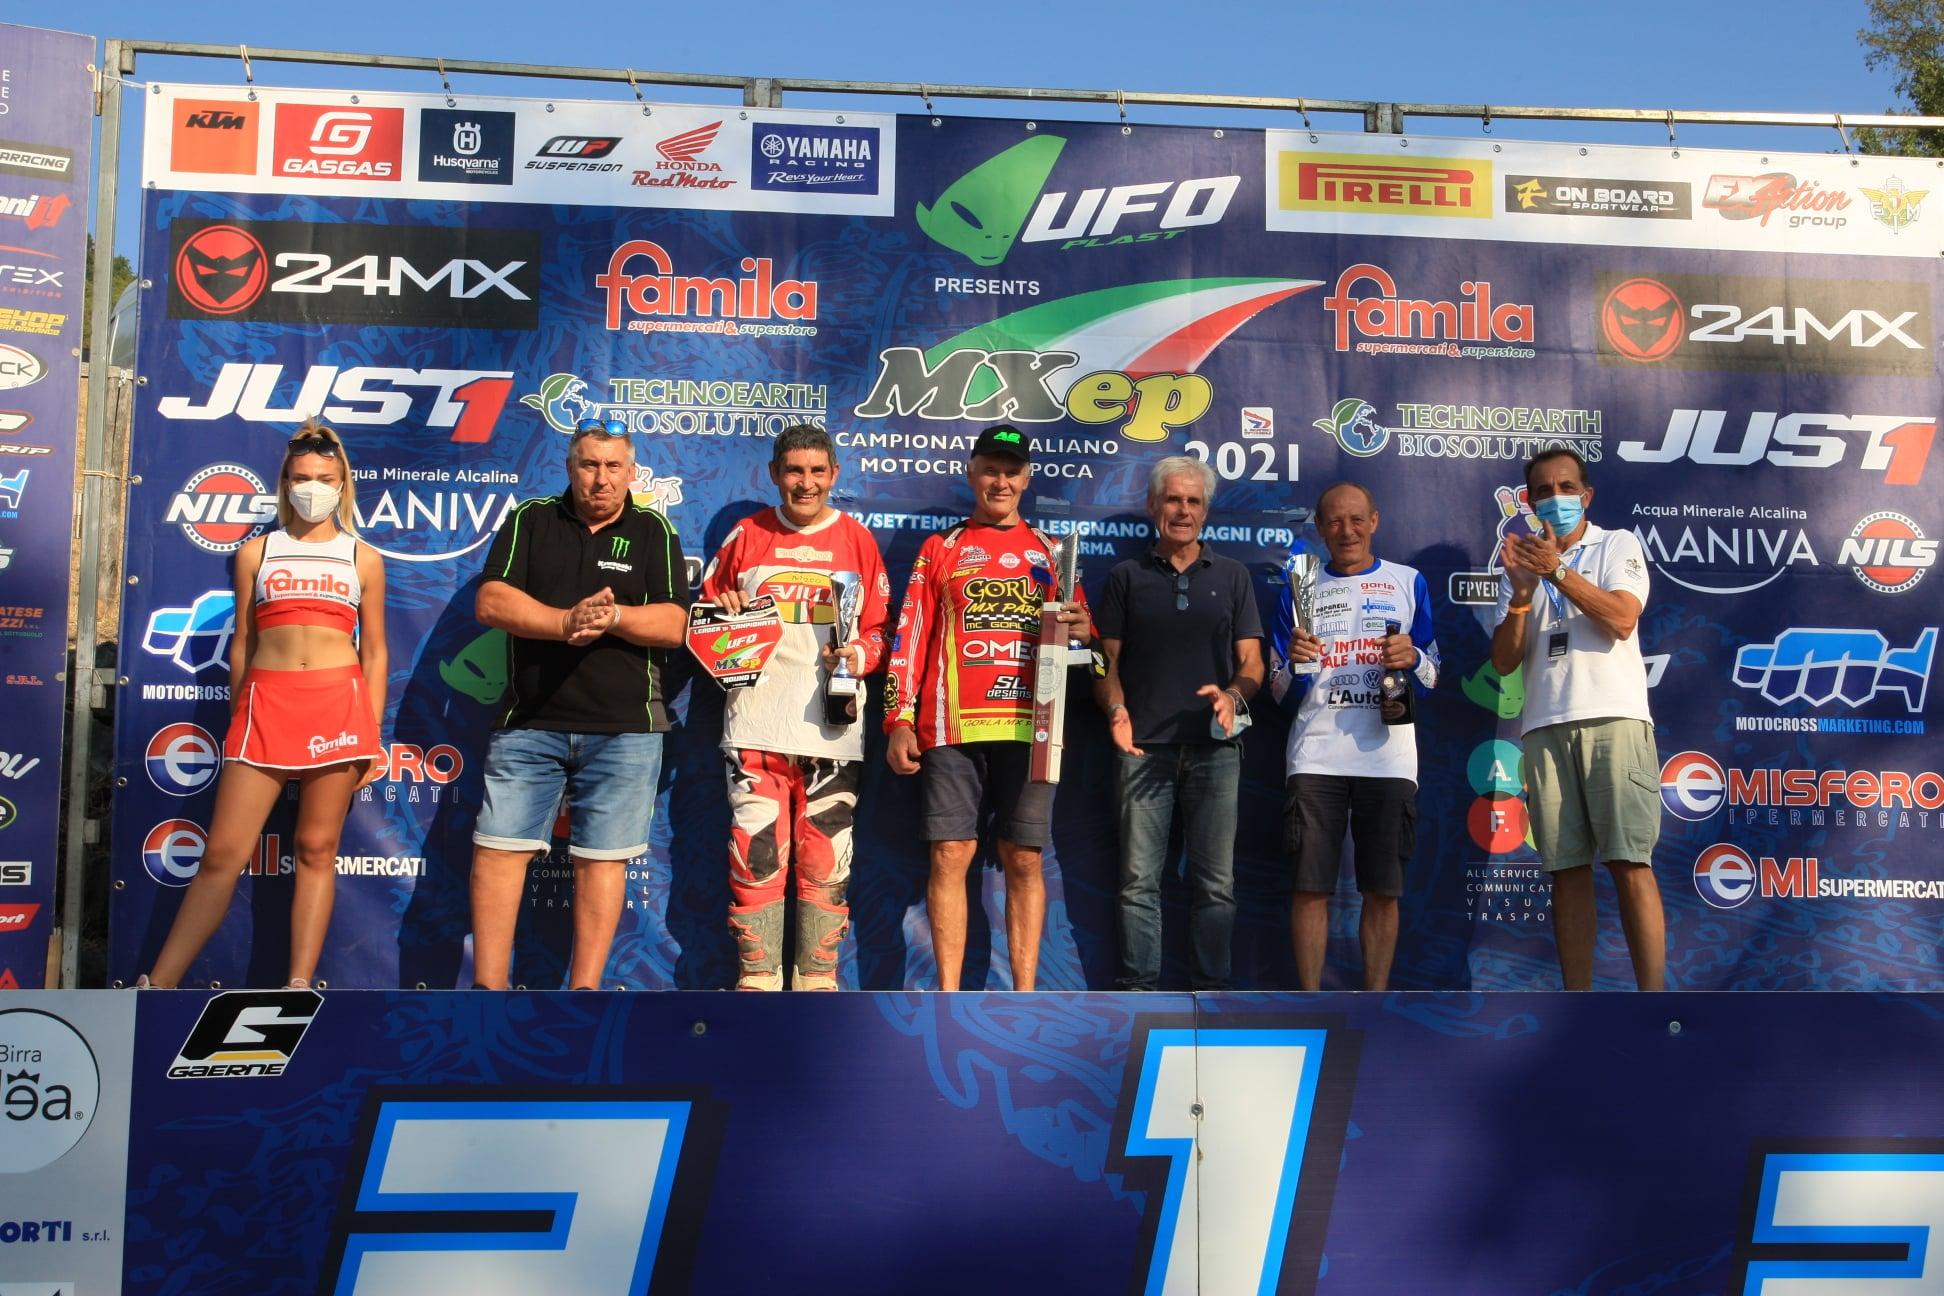 Michele Rinaldi premia i piloti della C - ph. Fuoristrada & motocross d'epoca